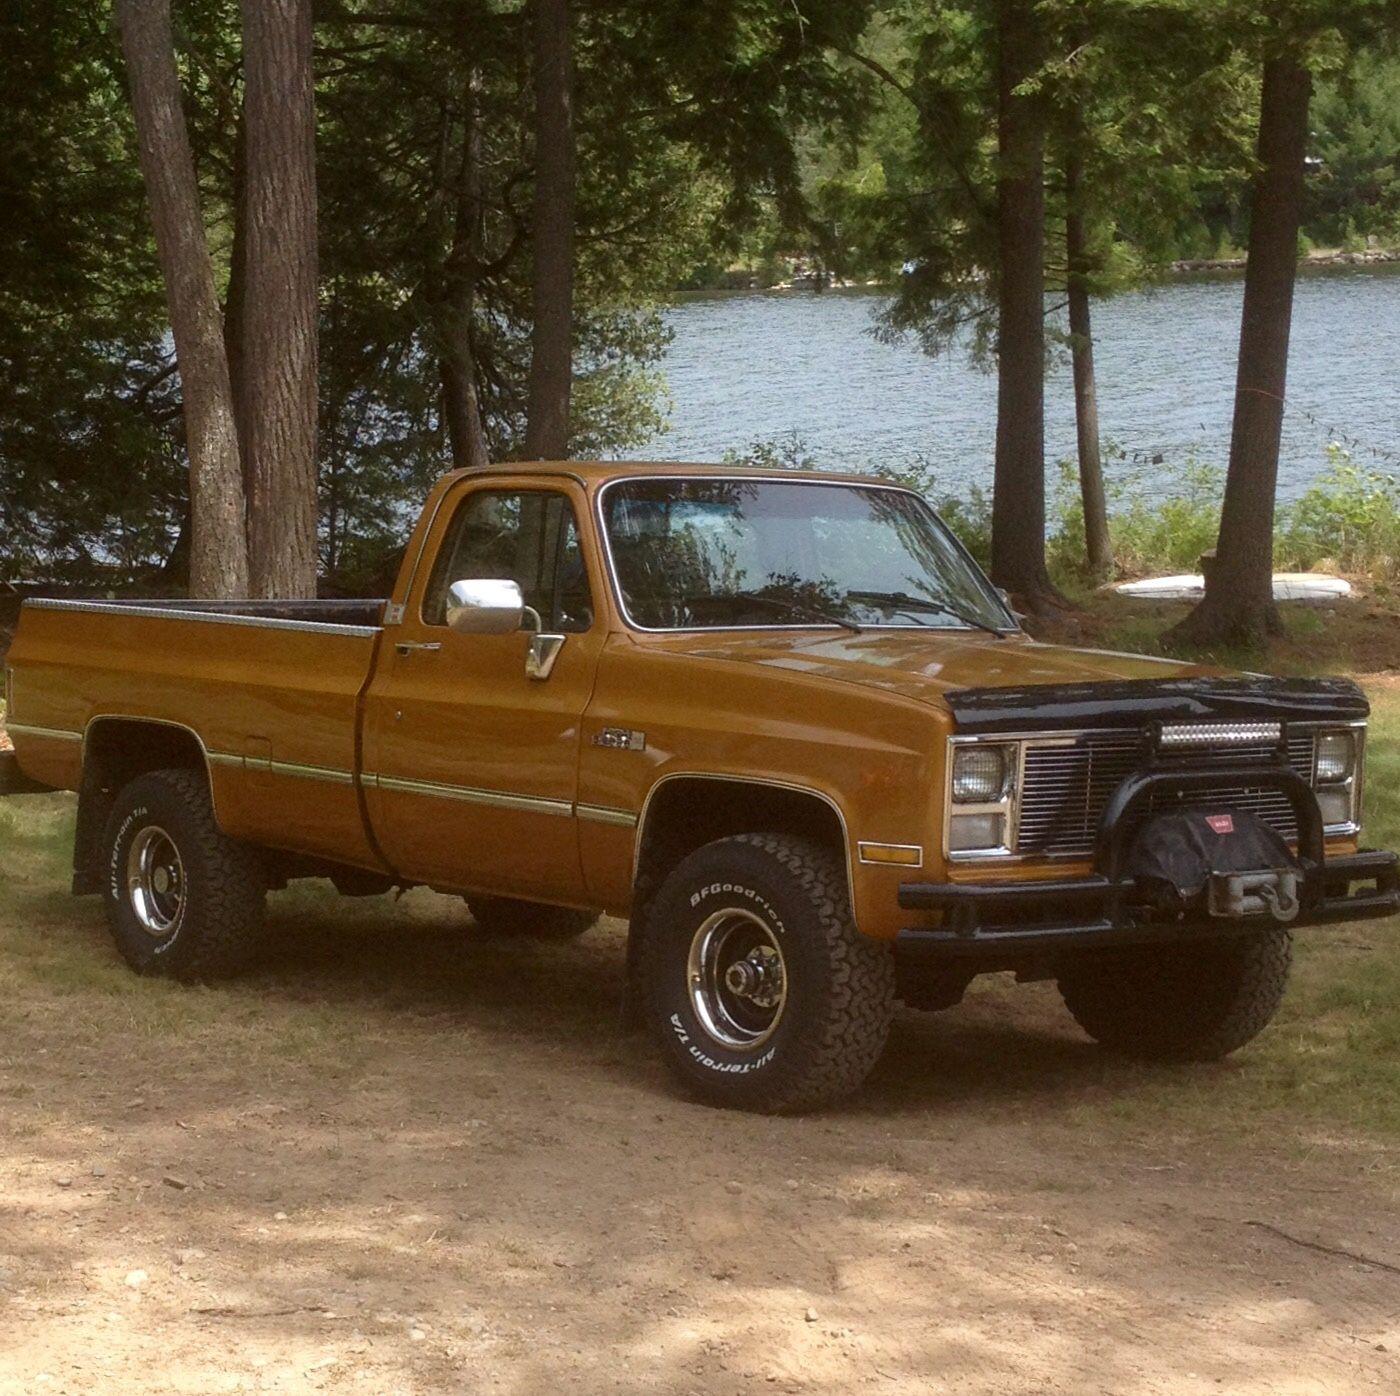 Chevy 4x4 truck